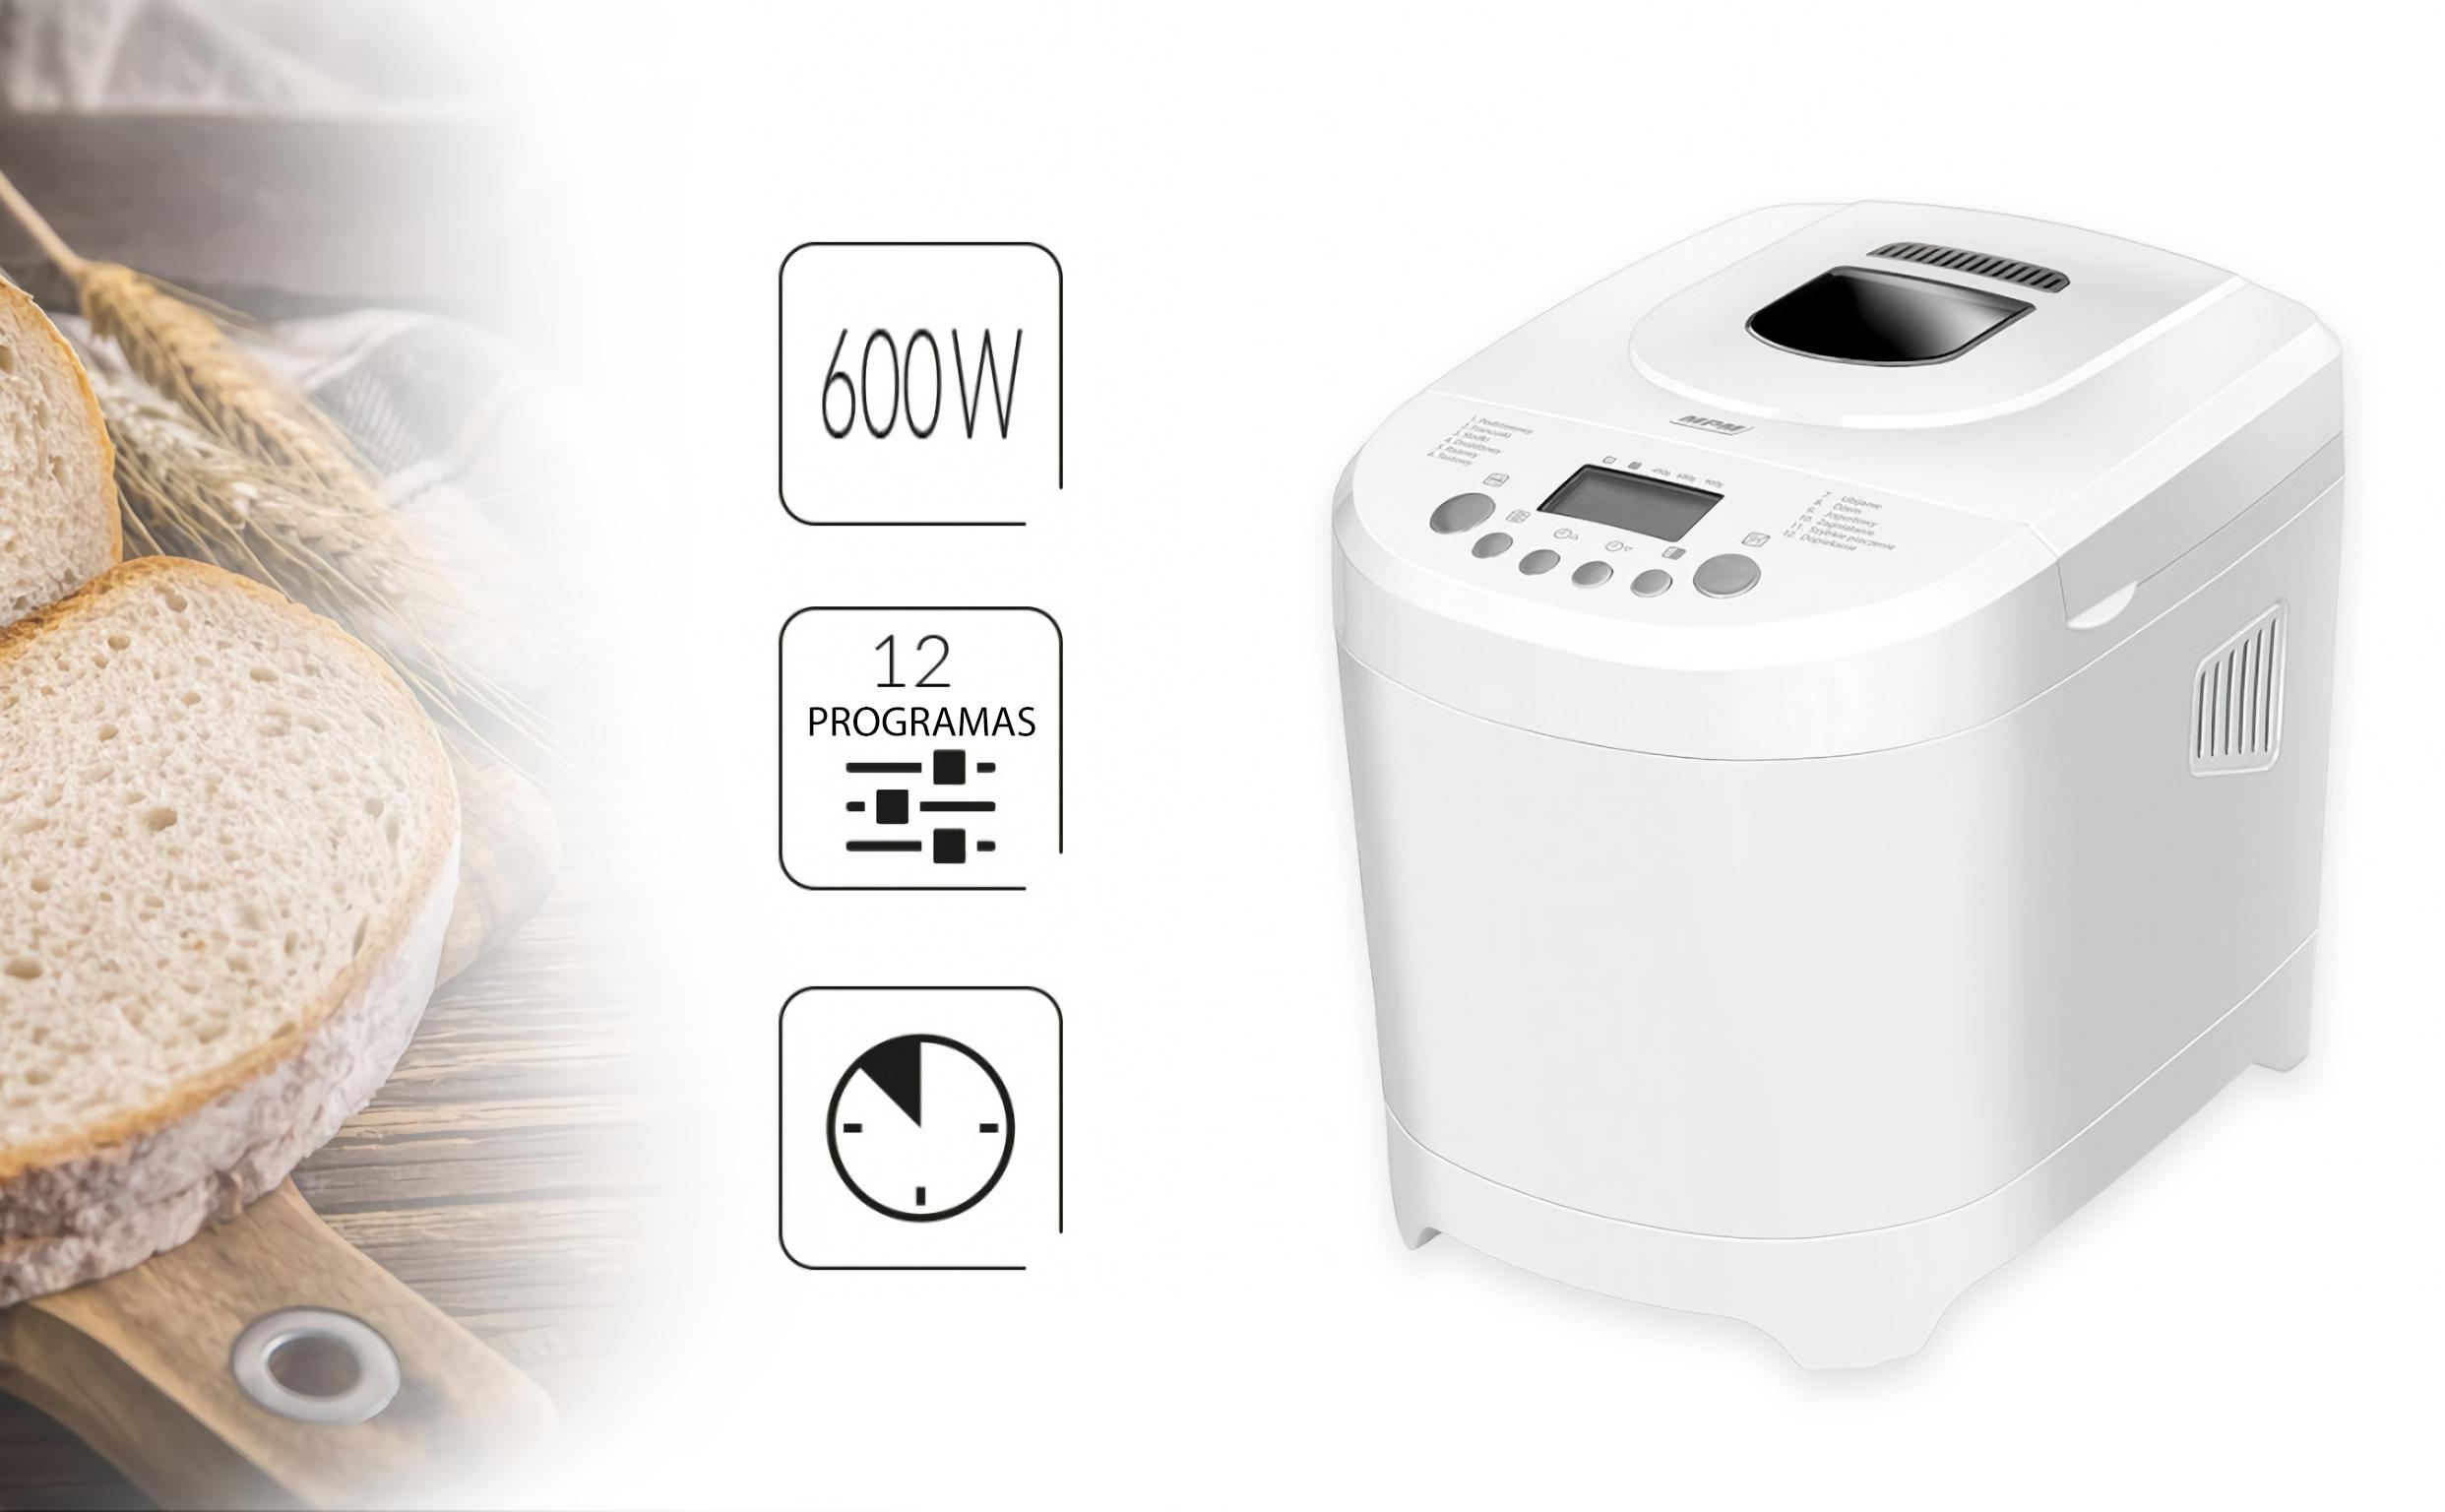 MPM MUC-01 Panificadora Amasadora Automática, 12 Programas, Pan Integral, Sin Gluten, Antiadherente, 900 g, 600W, Retroiluminado